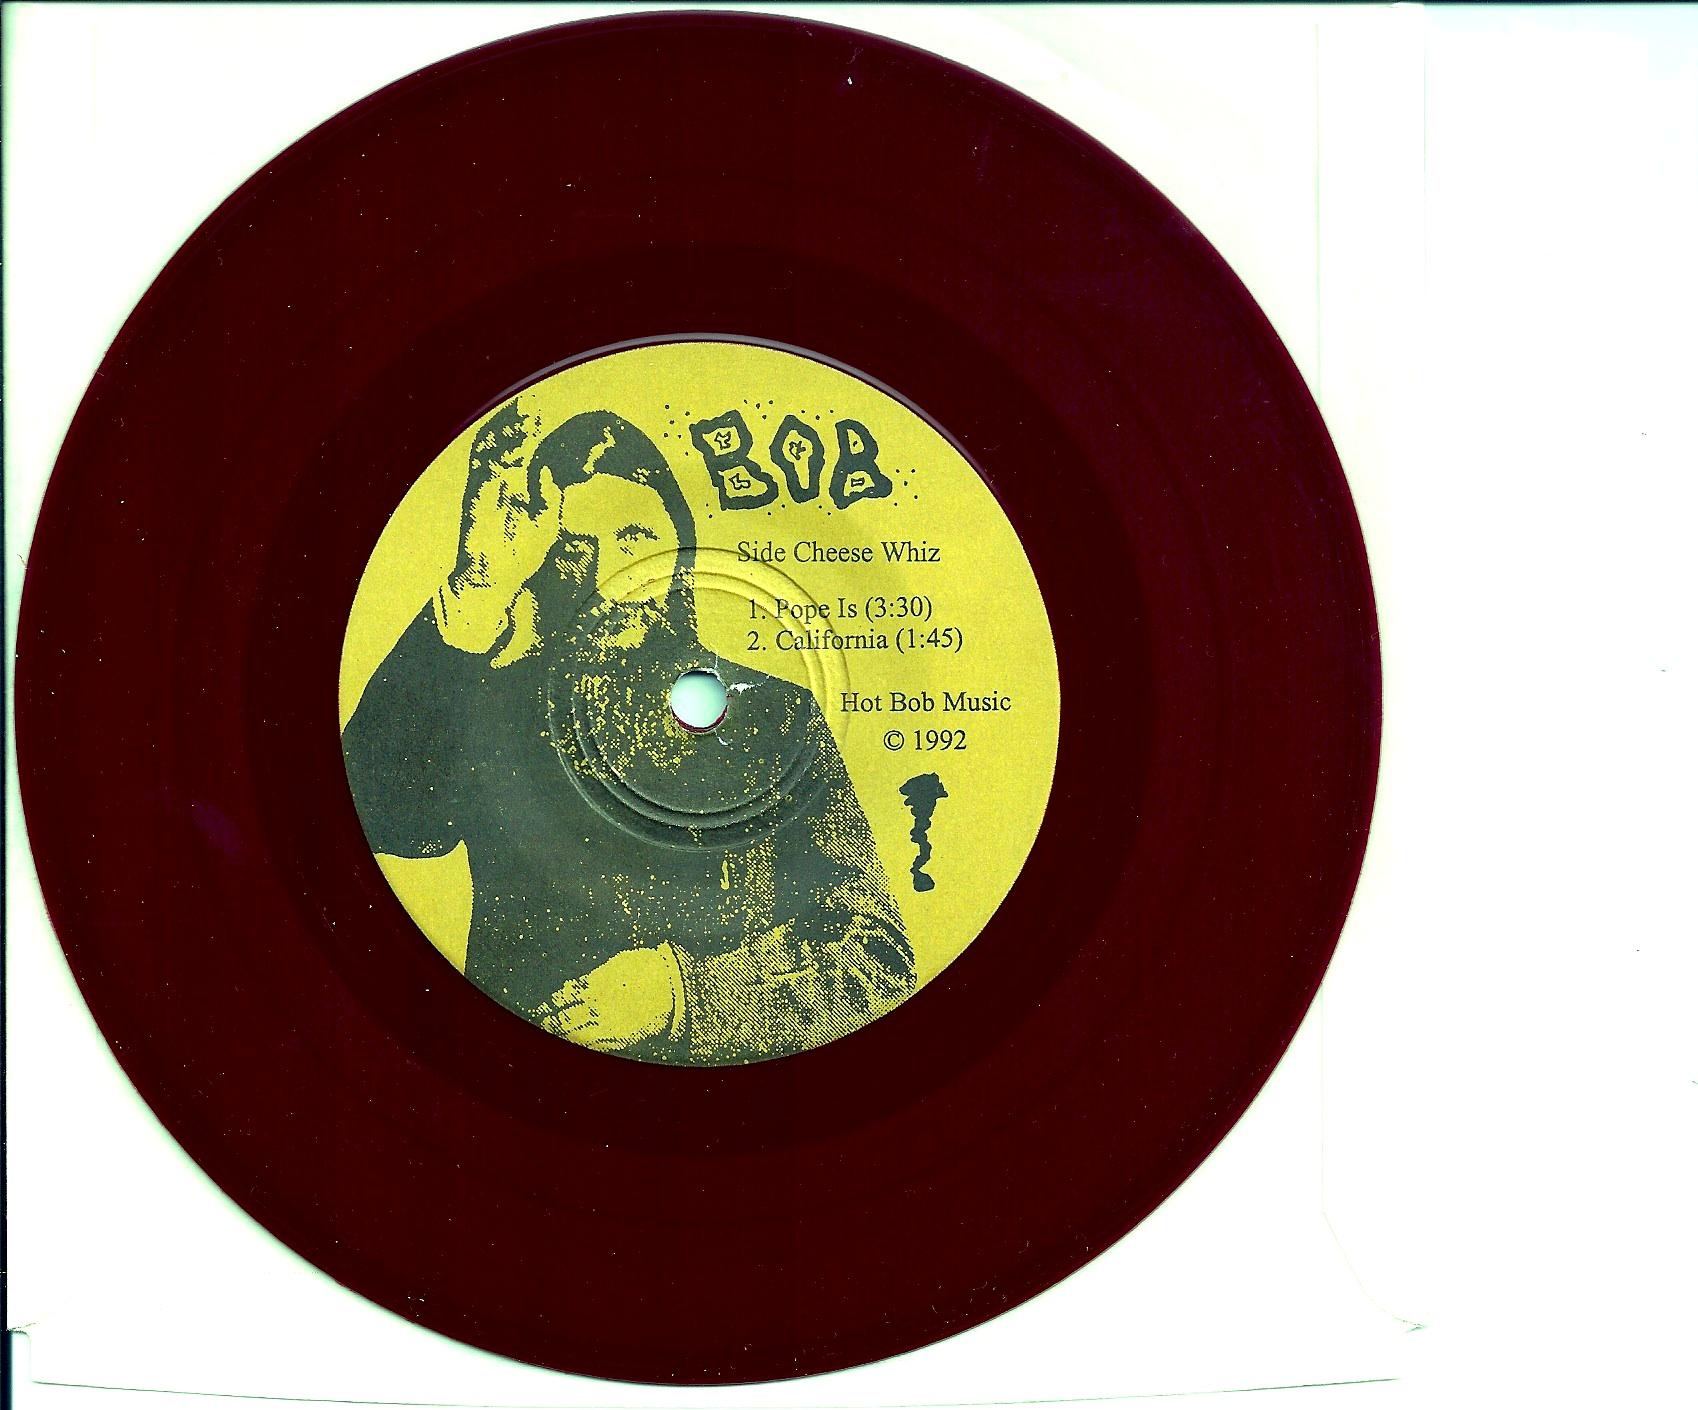 BOB - Peel Sessions EP - BOB side cheese wiz.jpg